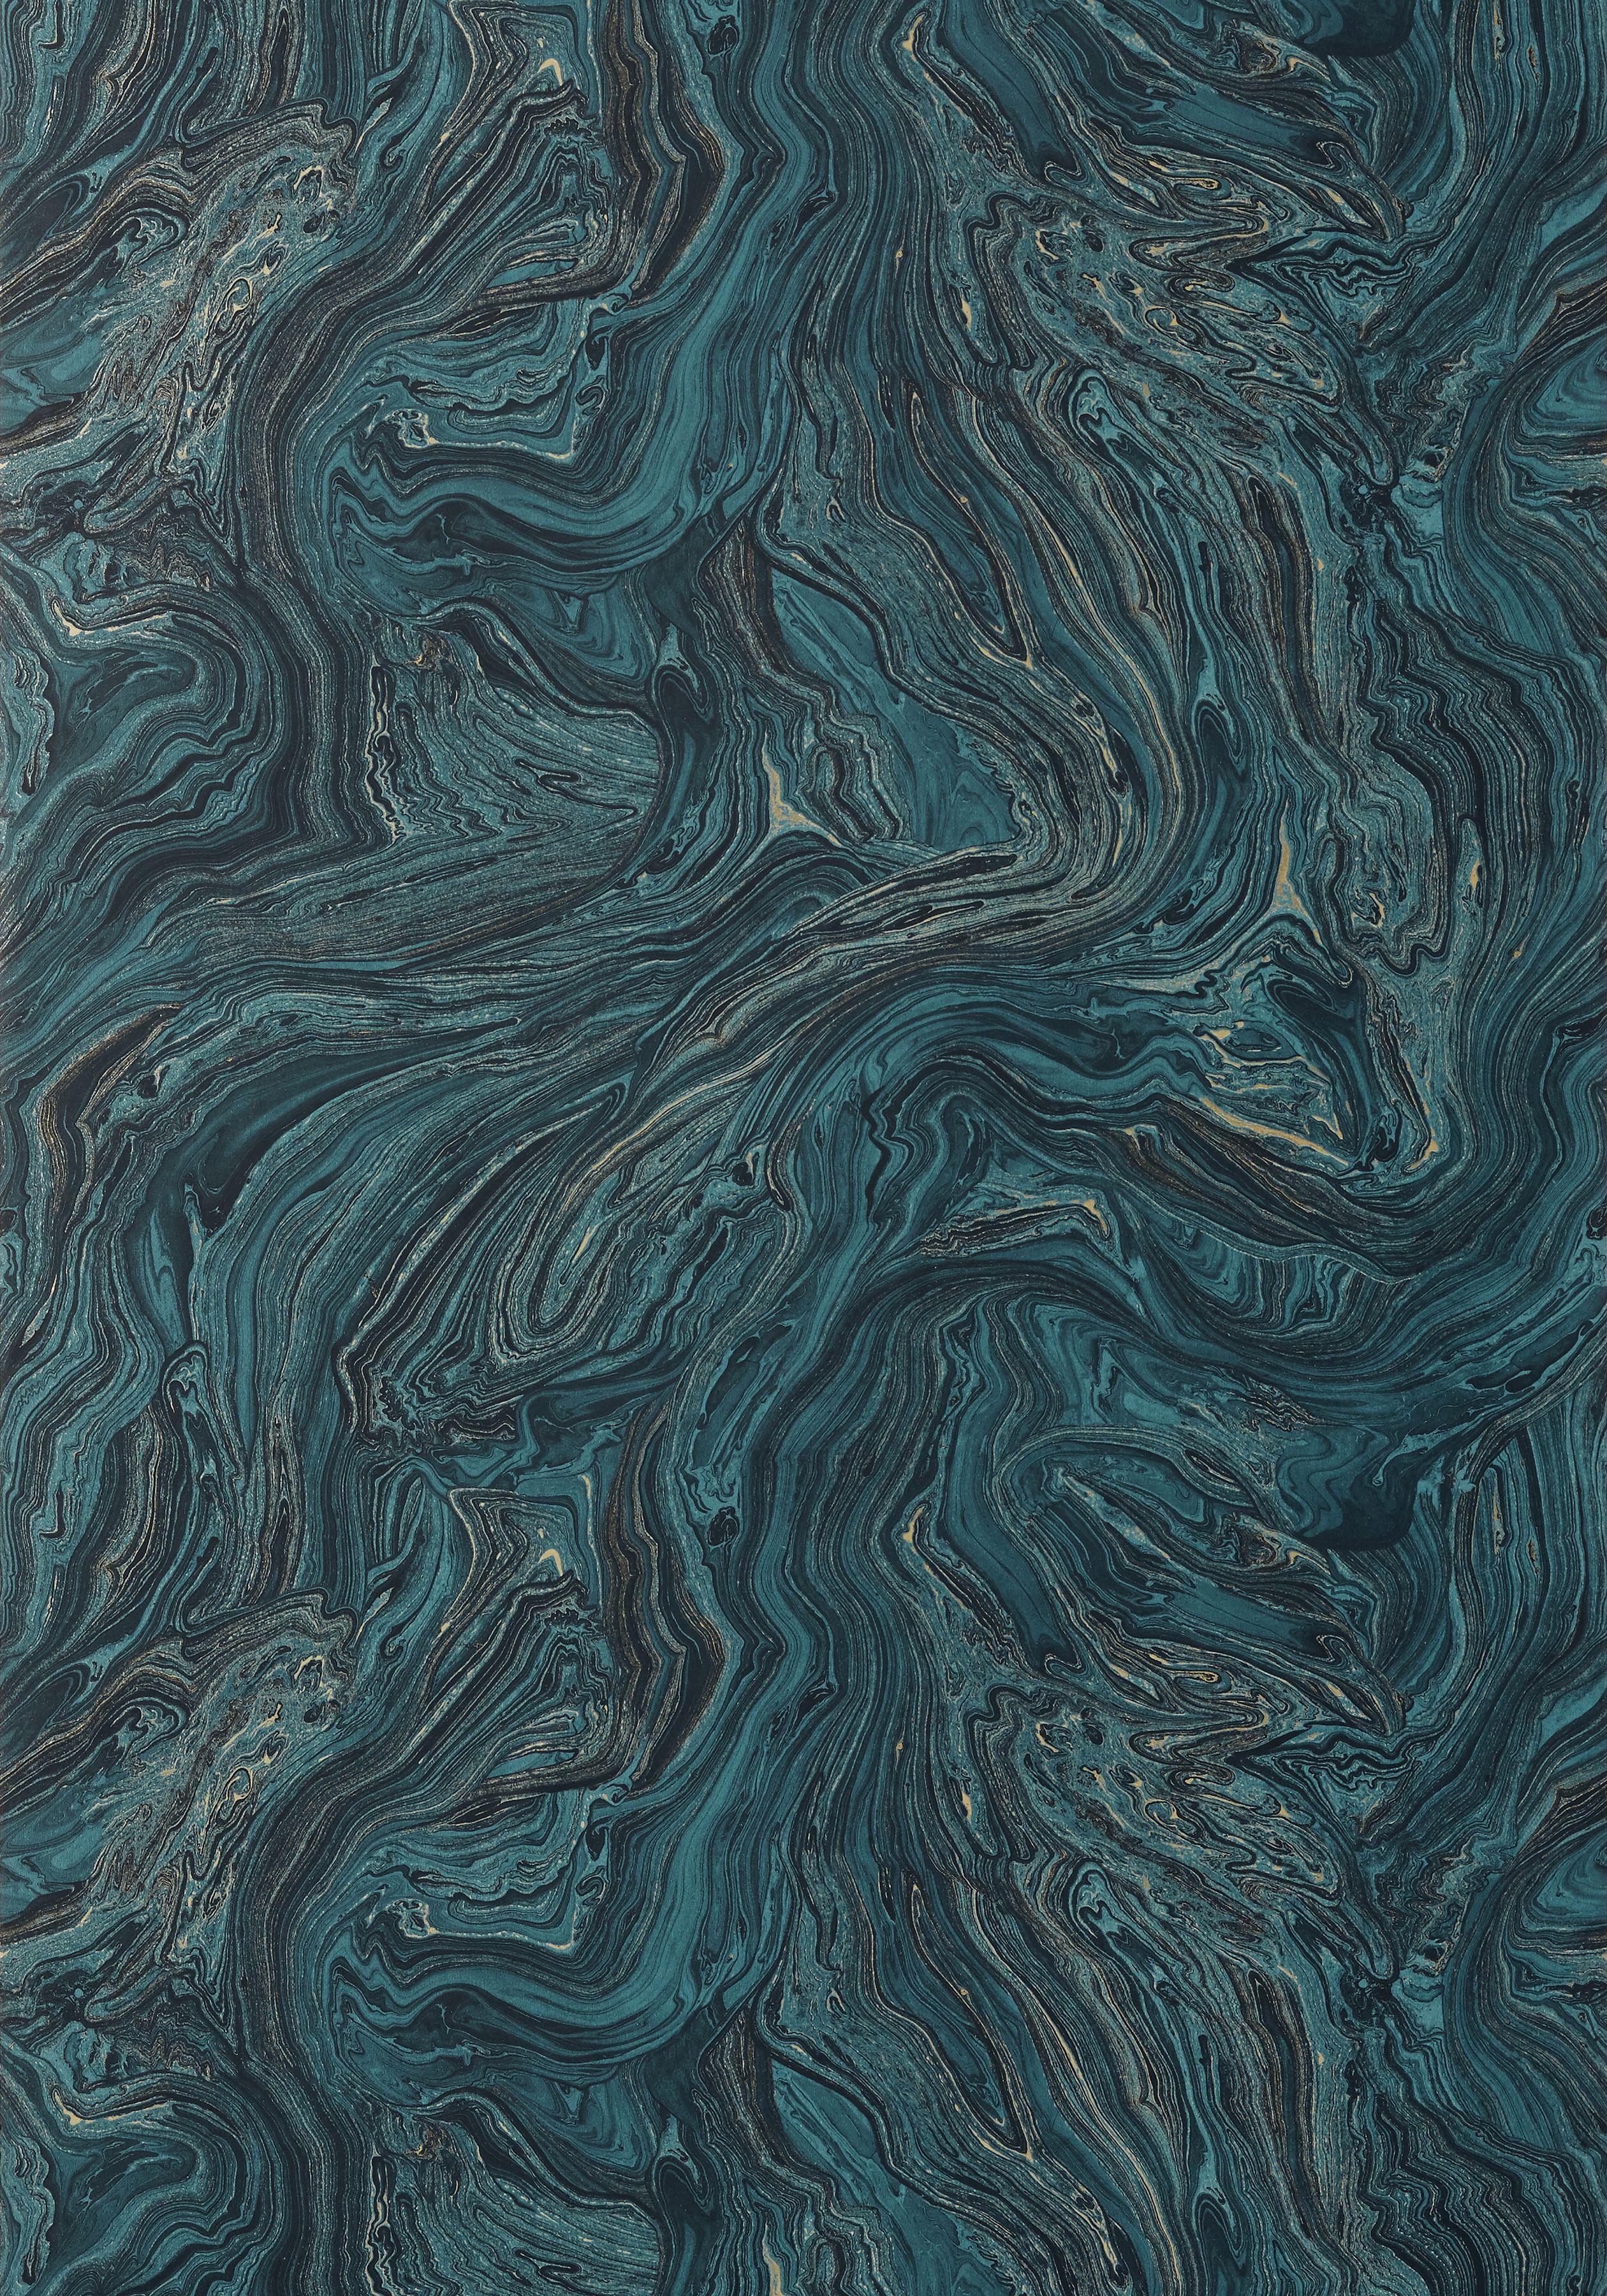 Dark hallway wallpaper  VENUS Dark Turquoise T Collection Greenwood from Thibaut